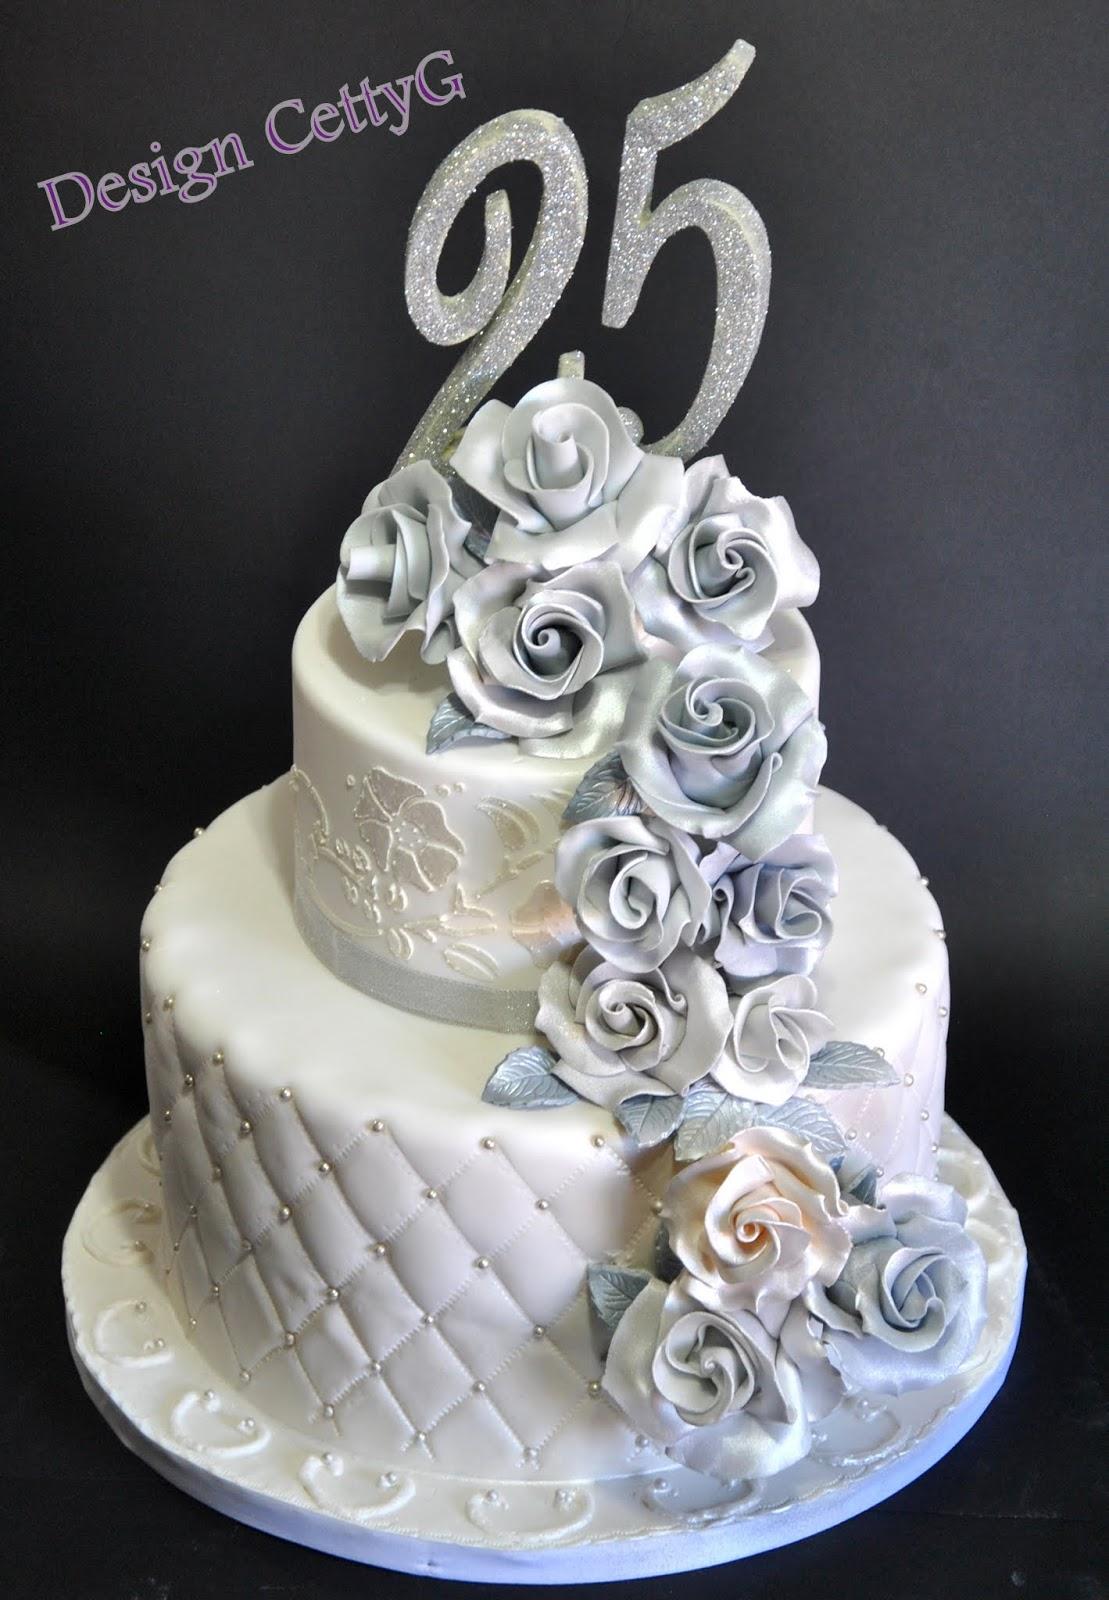 Estremamente Le torte decorate di Cetty G: 25° Anniversario WT56